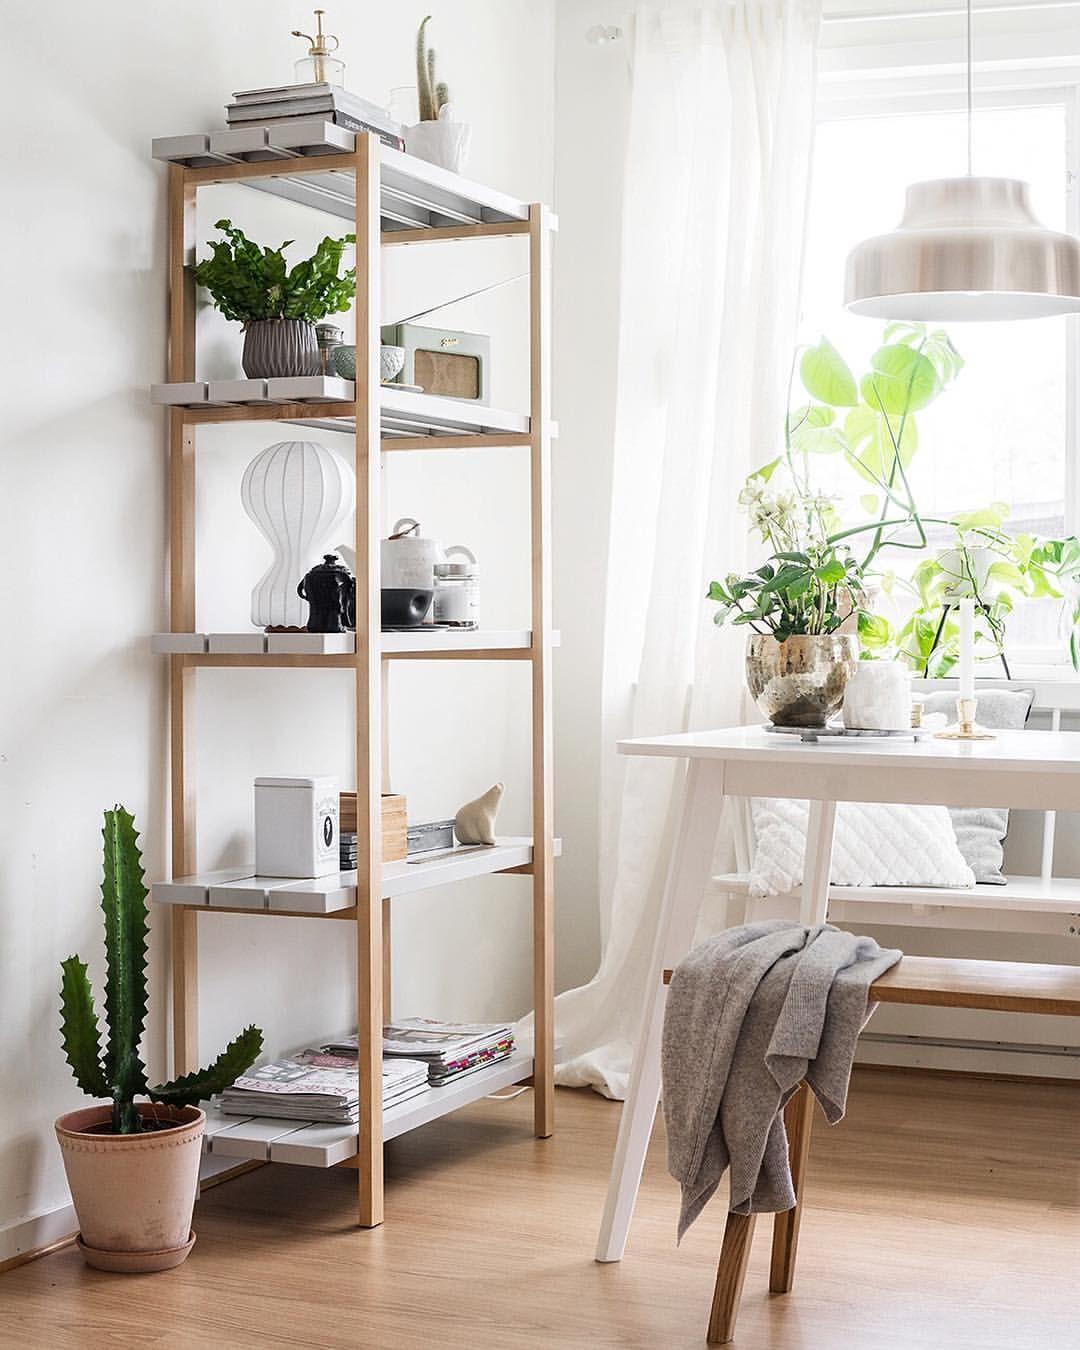 Ikea Ypperlig Shelving Unit Bookshelves In Bedroom Ikea Shelving Unit Home